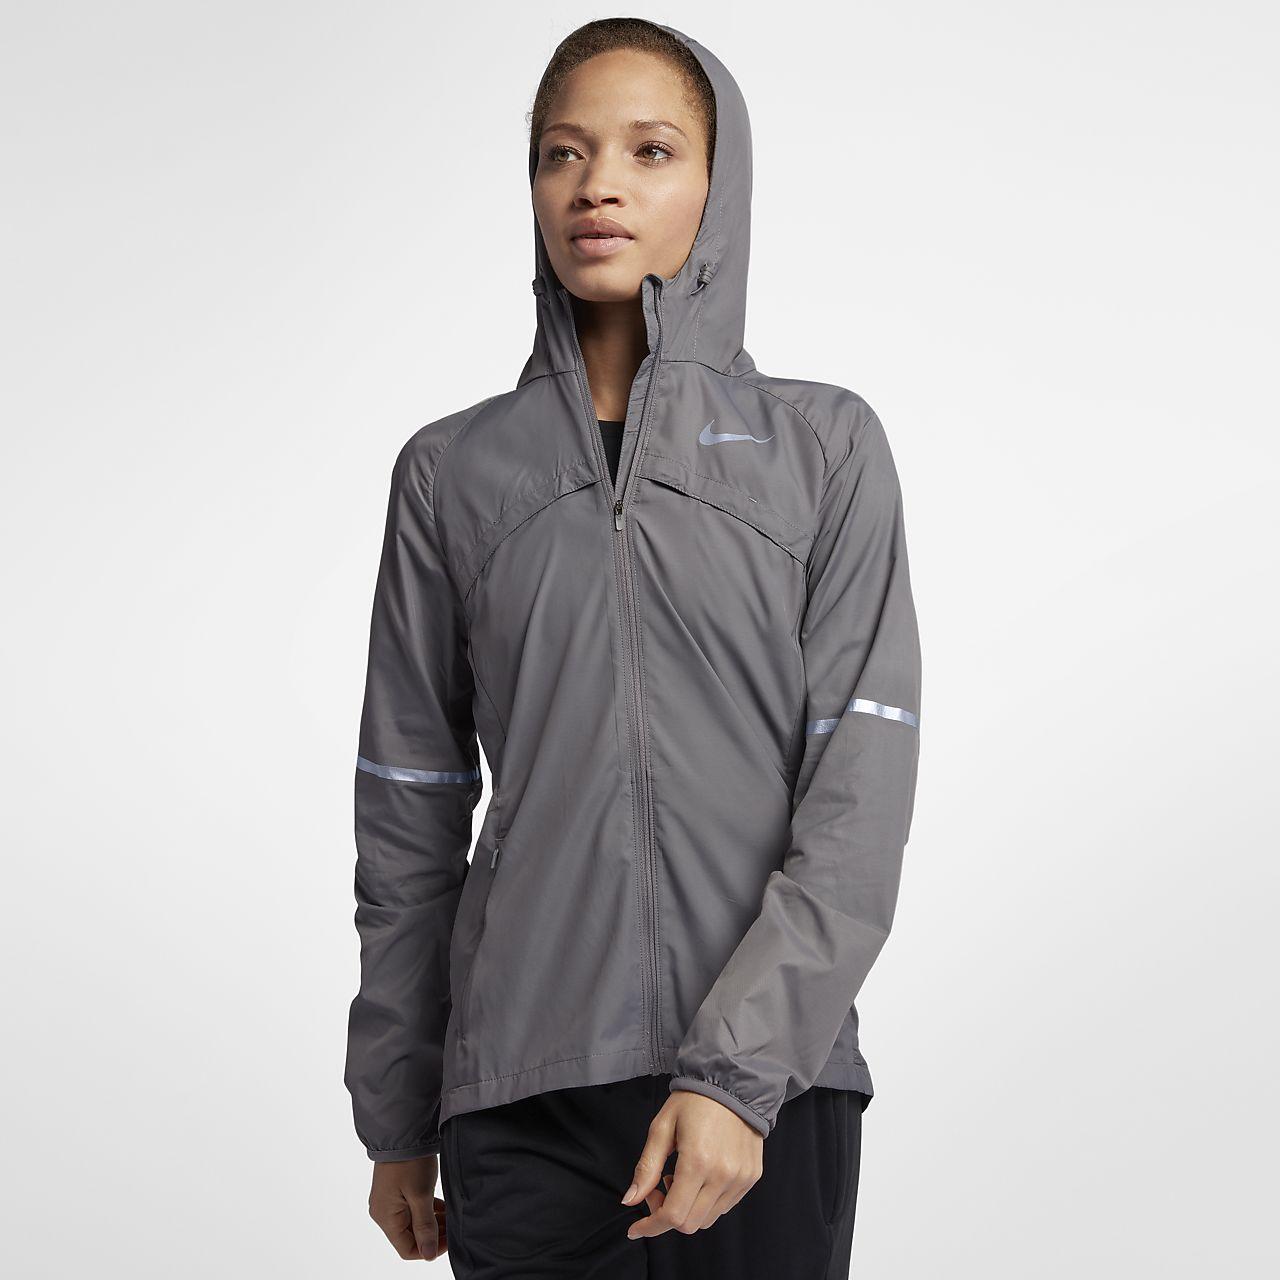 da0625d0ec91 Nike Shield Women s Running Jacket. Nike.com AU